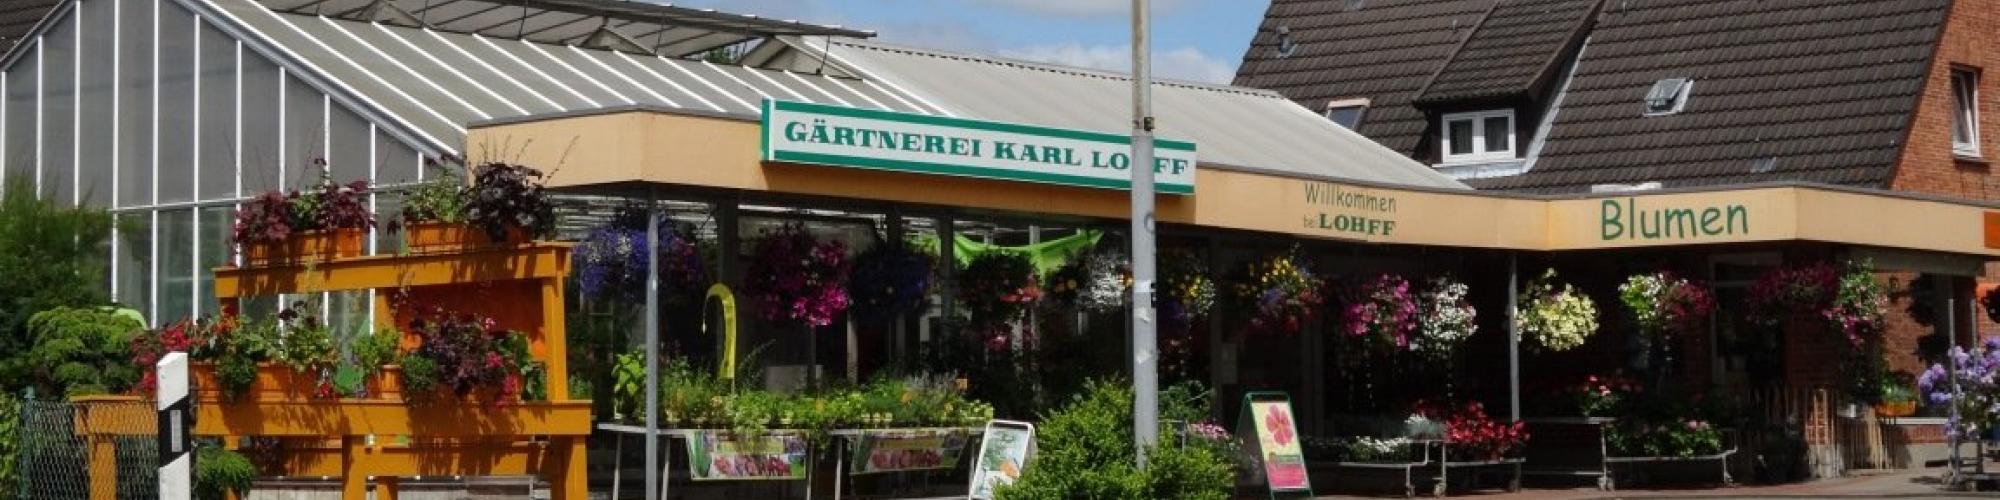 Gärtnerei Karl Lohff